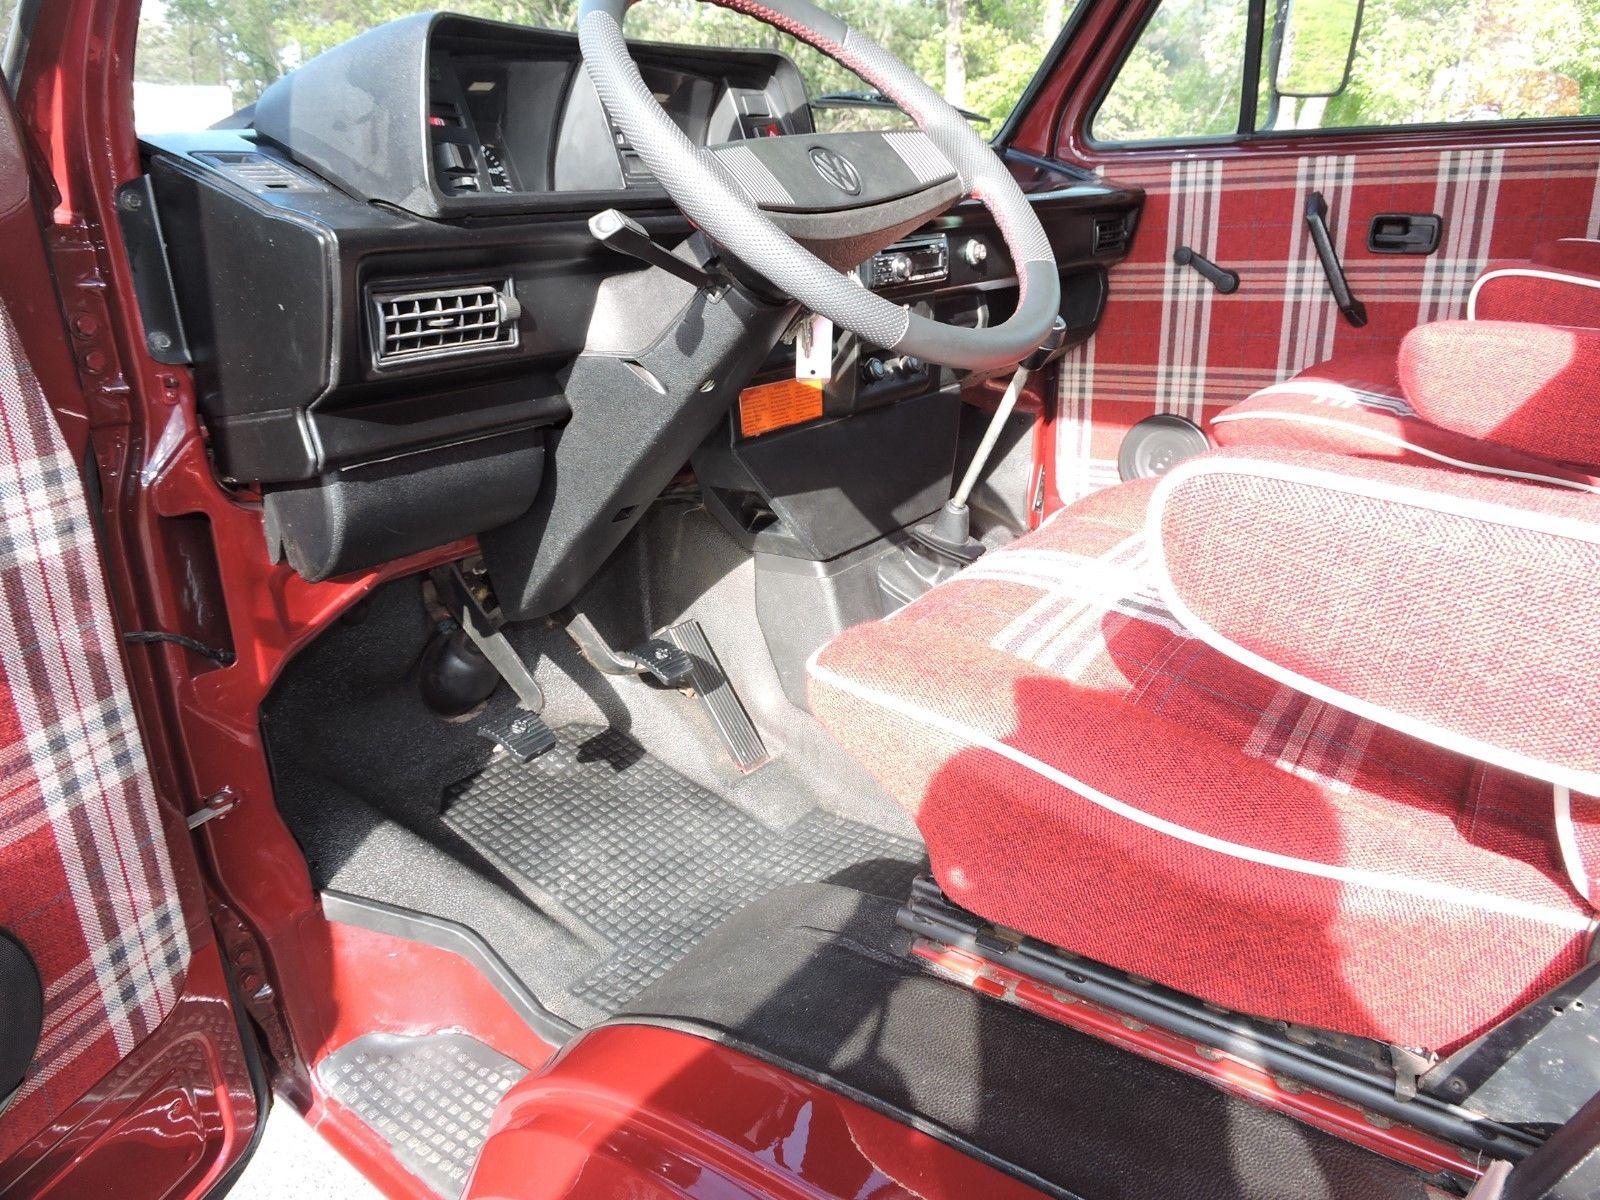 1990 Volkswagen Bus/Vanagon Doka Syncro 4WD Camper interior